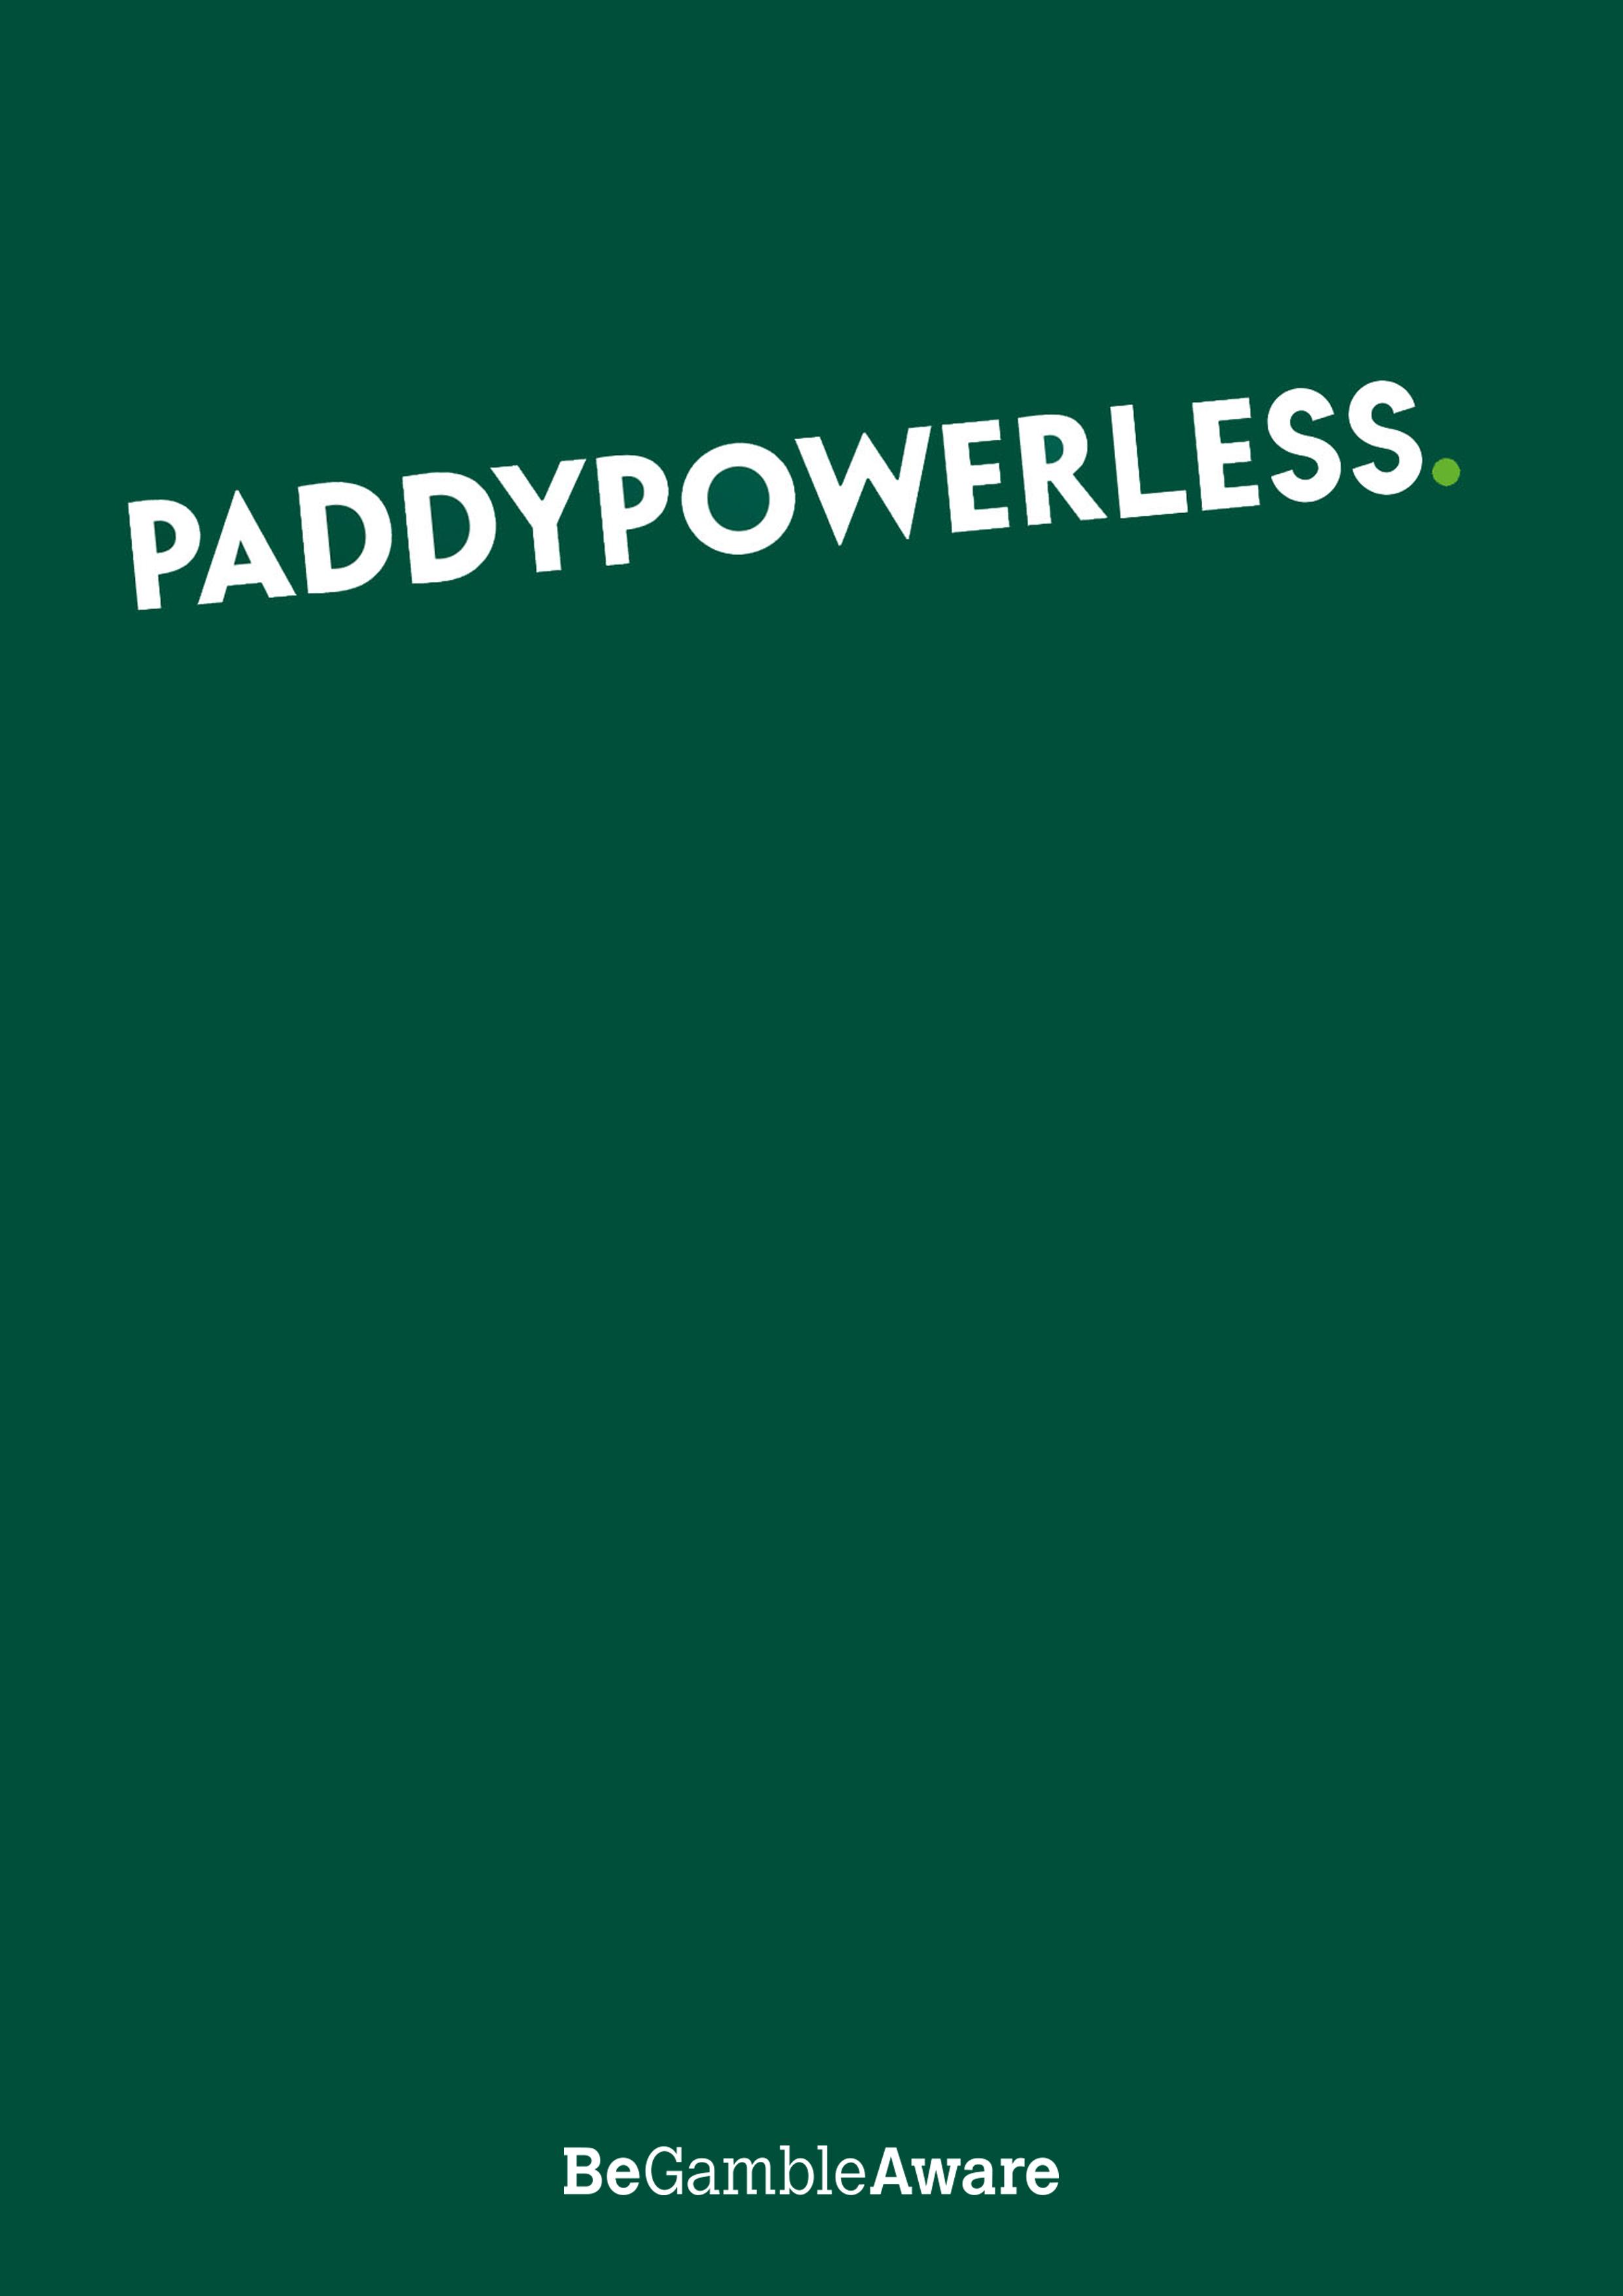 PaddyPowerless.jpg